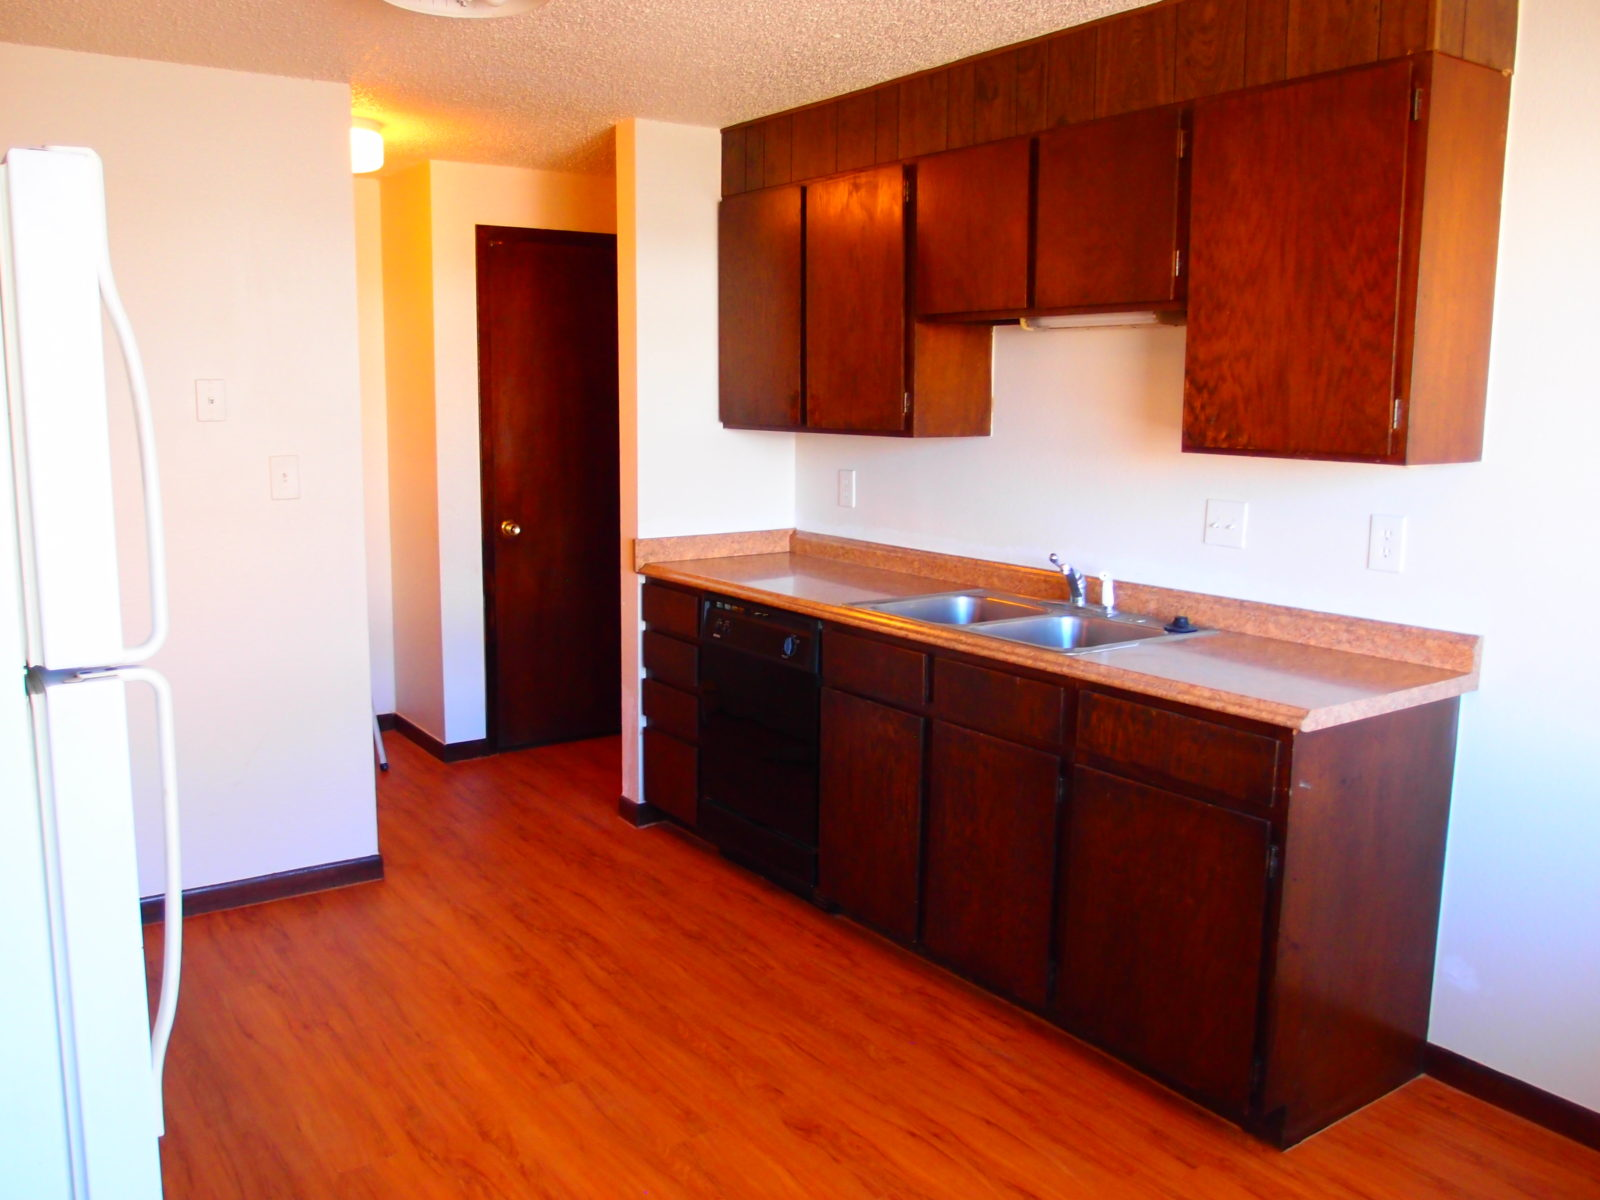 2168 Dexter Kitchen 2